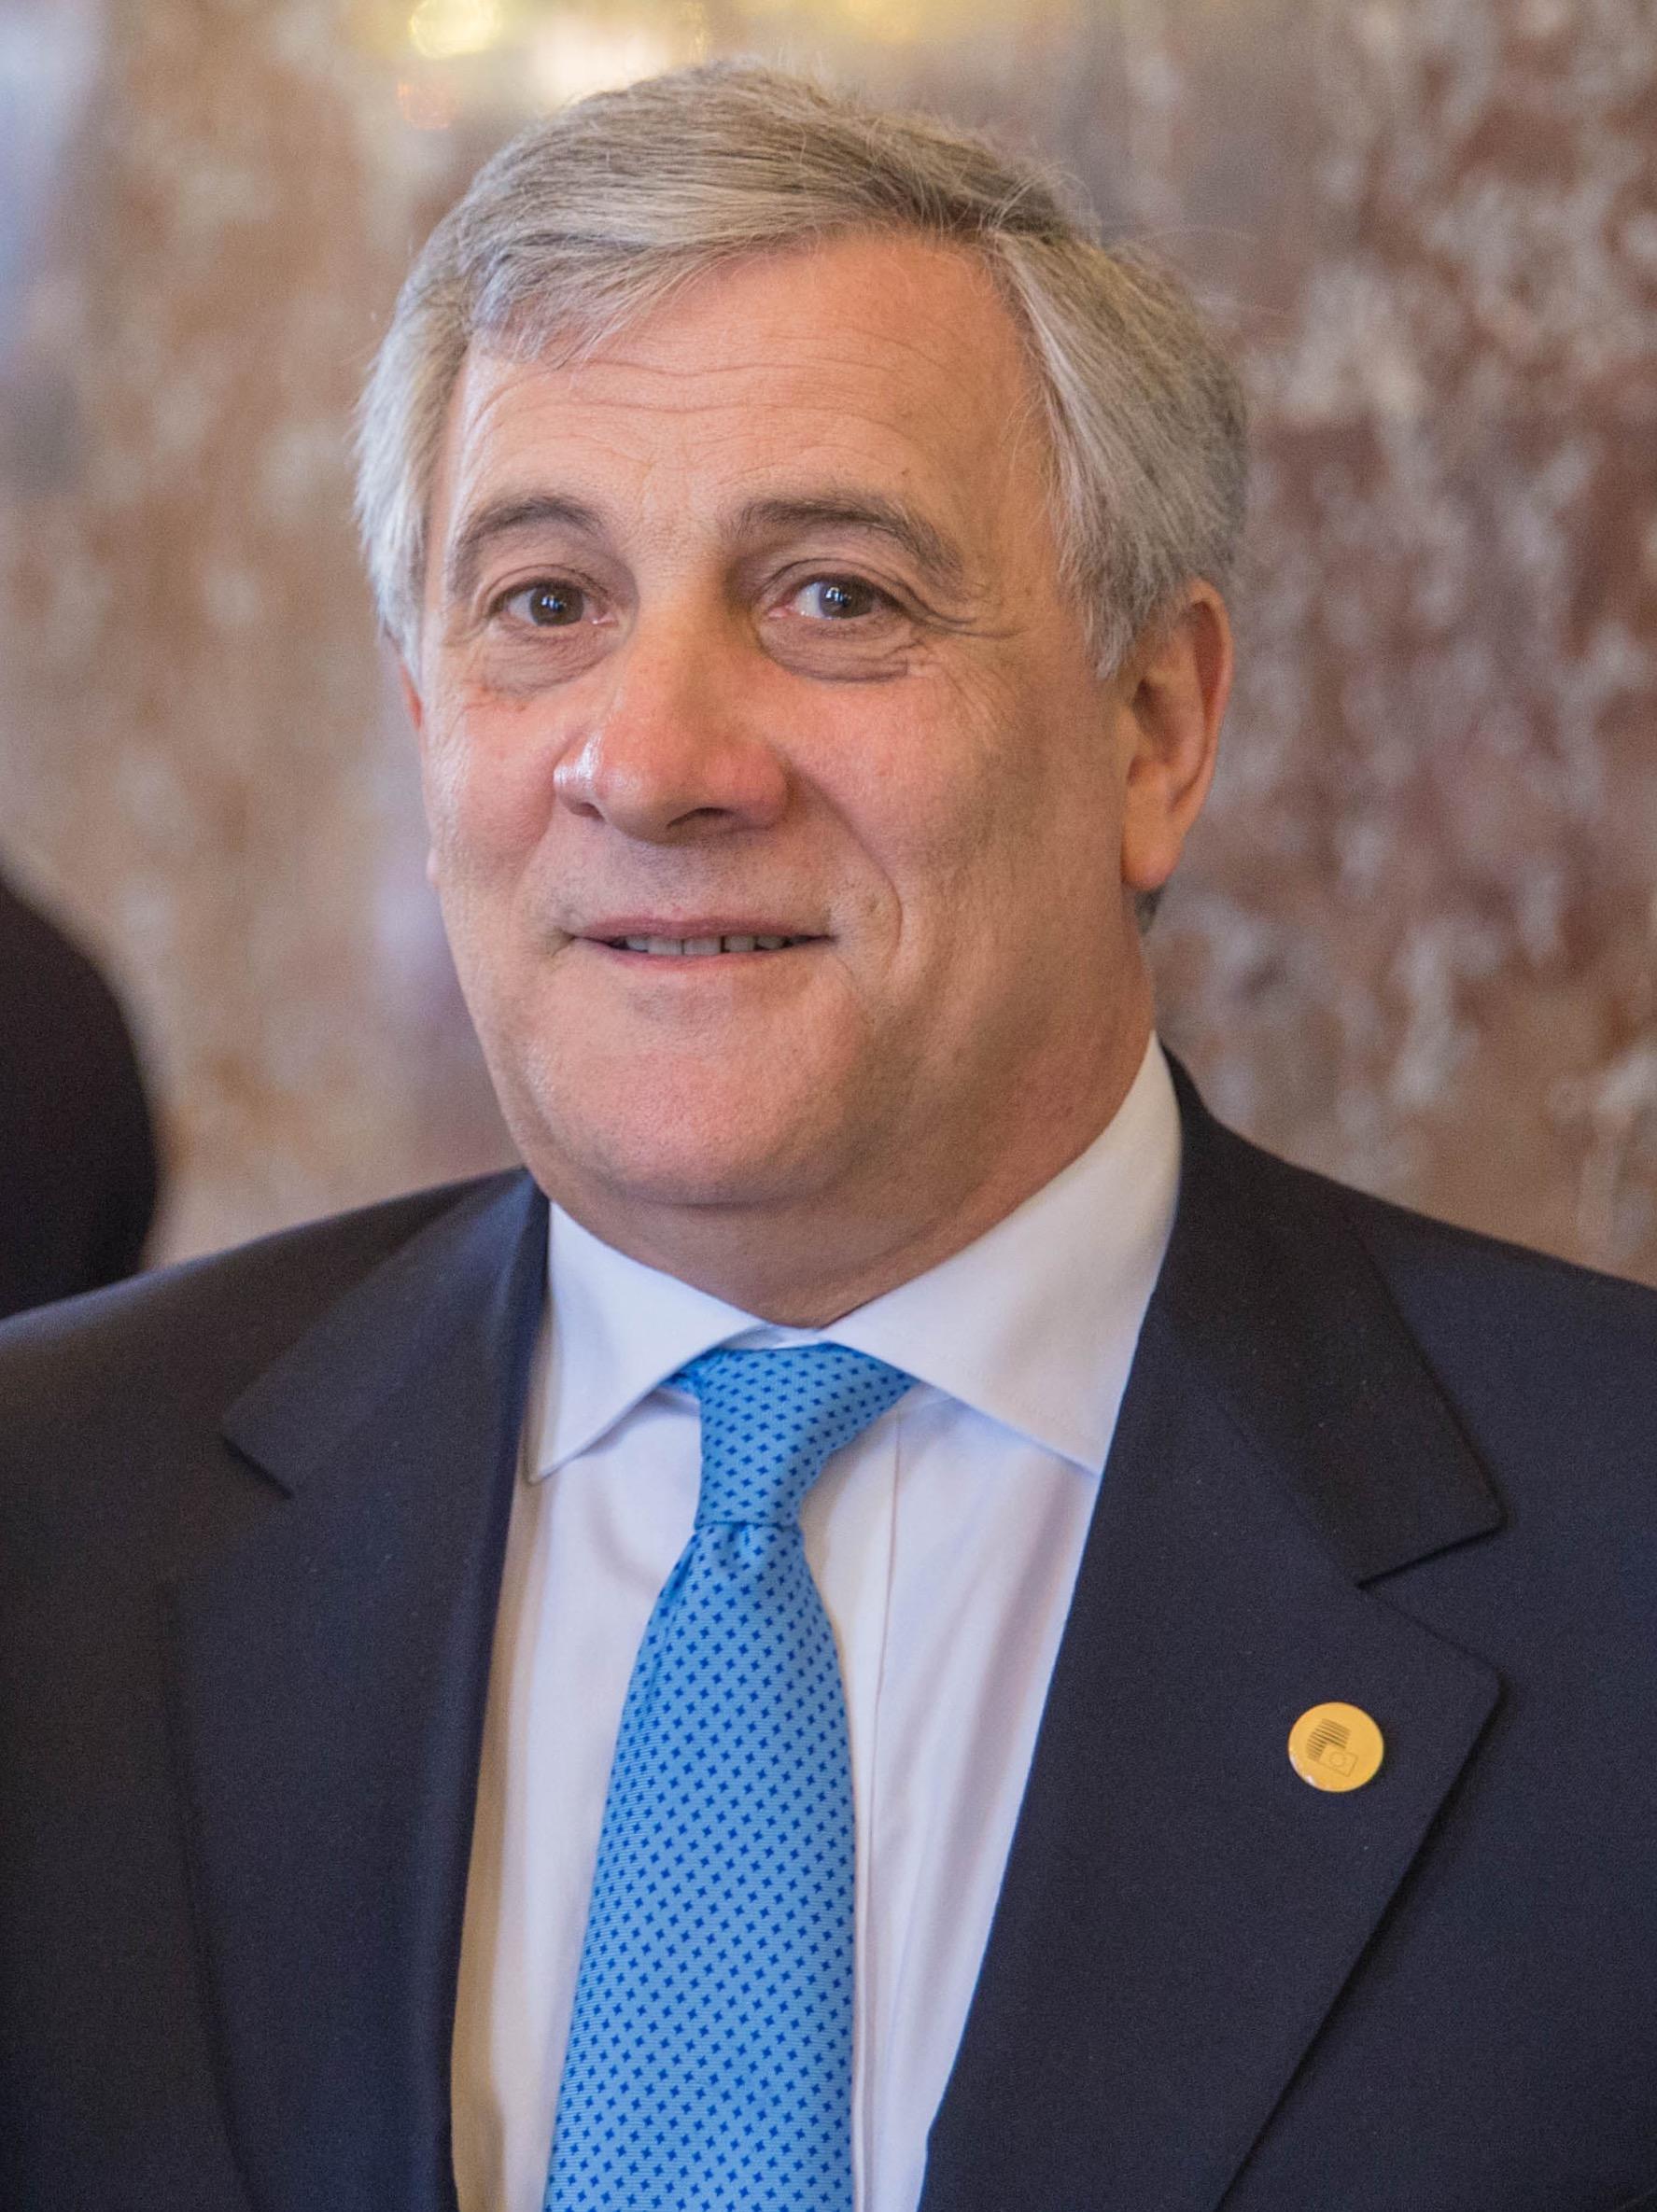 Veja o que saiu no Migalhas sobre Antonio Tajani